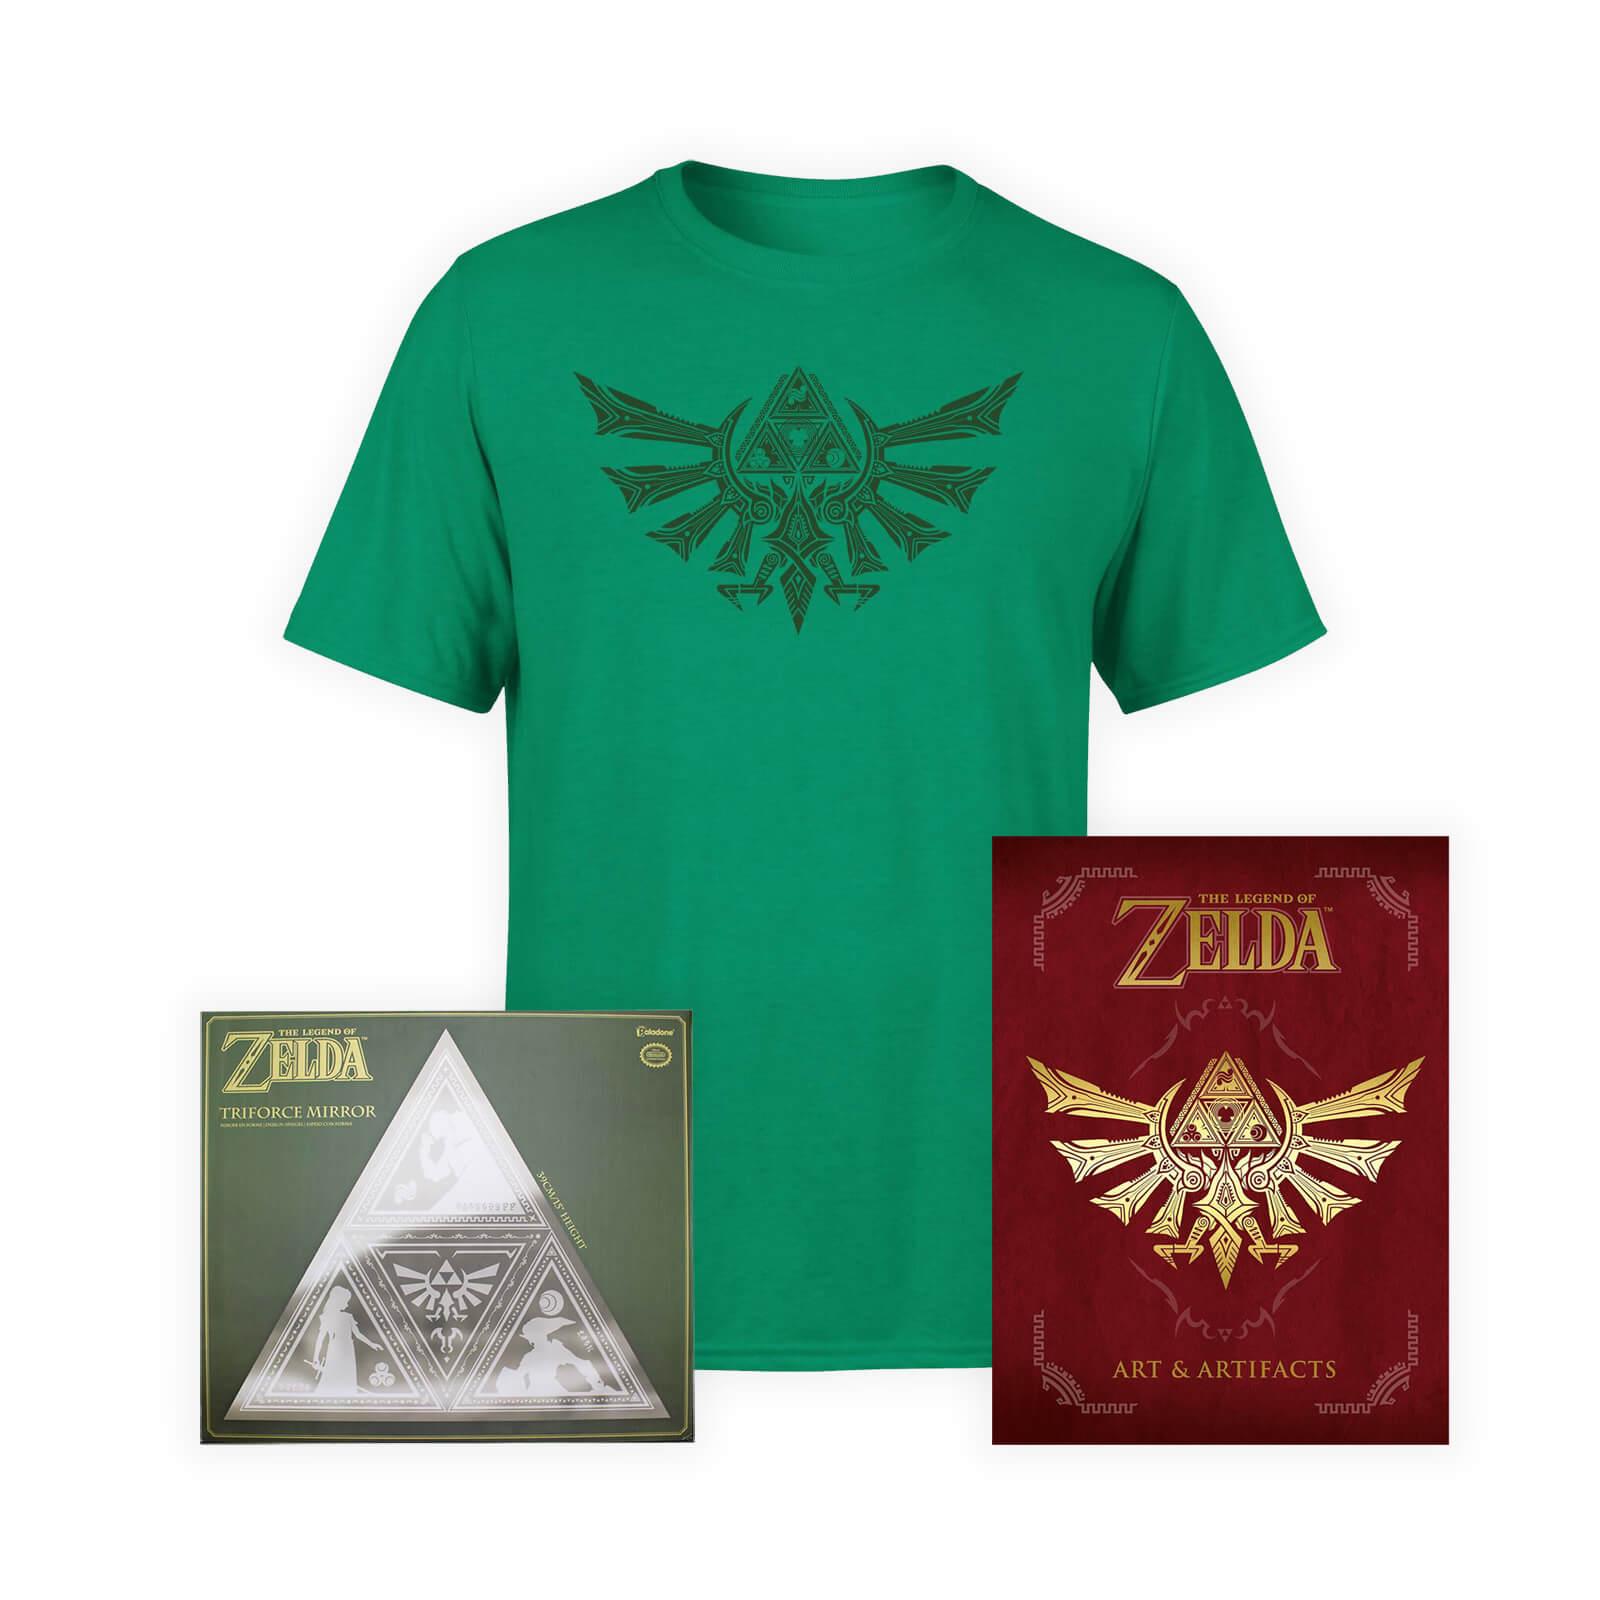 The Legend of Zelda Paket bei zavvi nur 37,99€